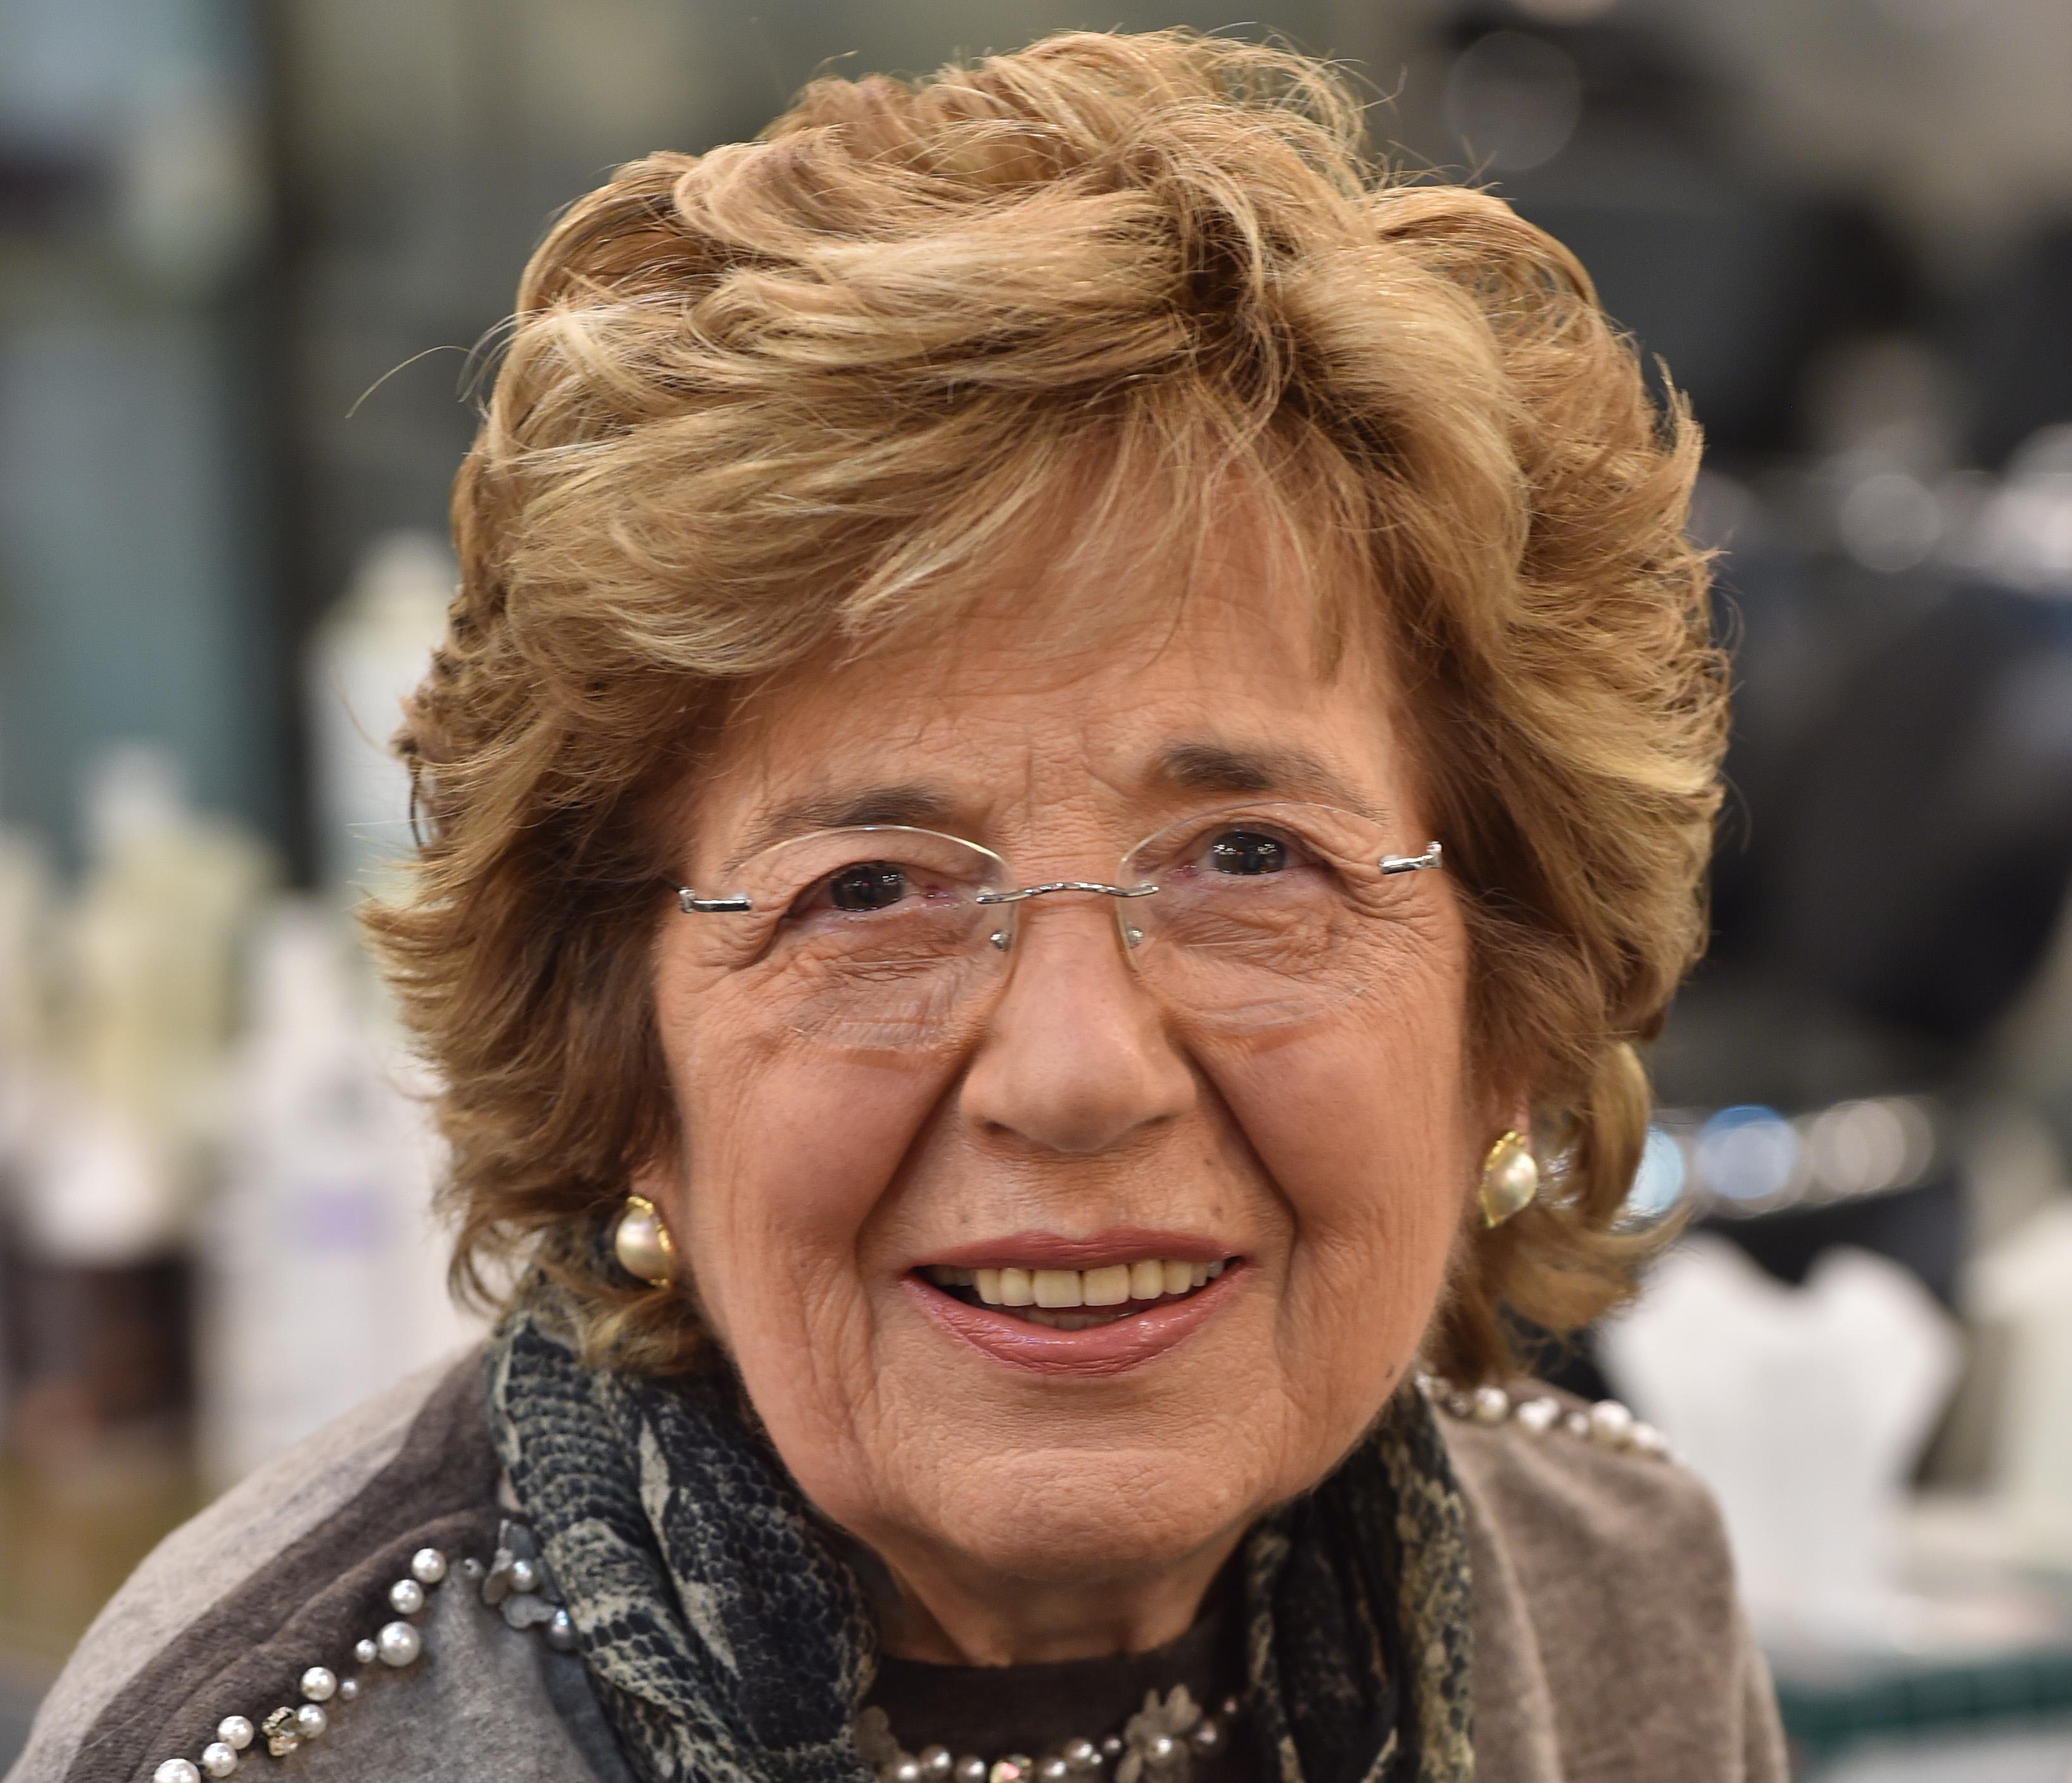 El Premio Europeo Carlos V a la profesora italiana, Sofia Corradi, se entregará el día 9 de mayo, Día de Europa, en el Real Monasterio de Yuste